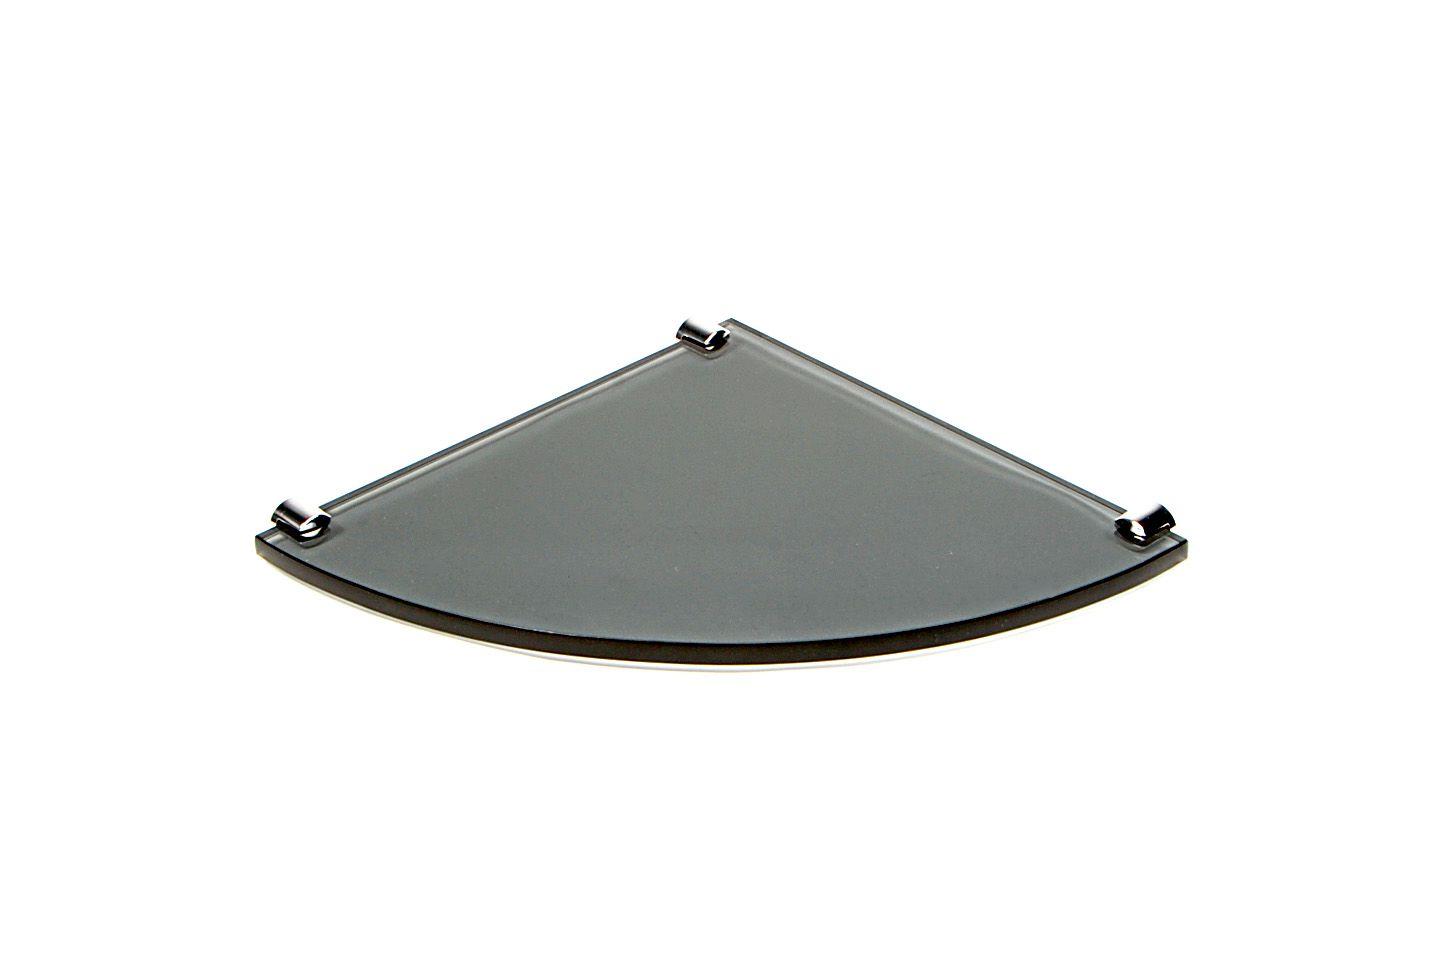 Porta Shampoo de Canto Curvo em Vidro Fumê Lapidado - Aquabox  - 25cmx25cmx10mm